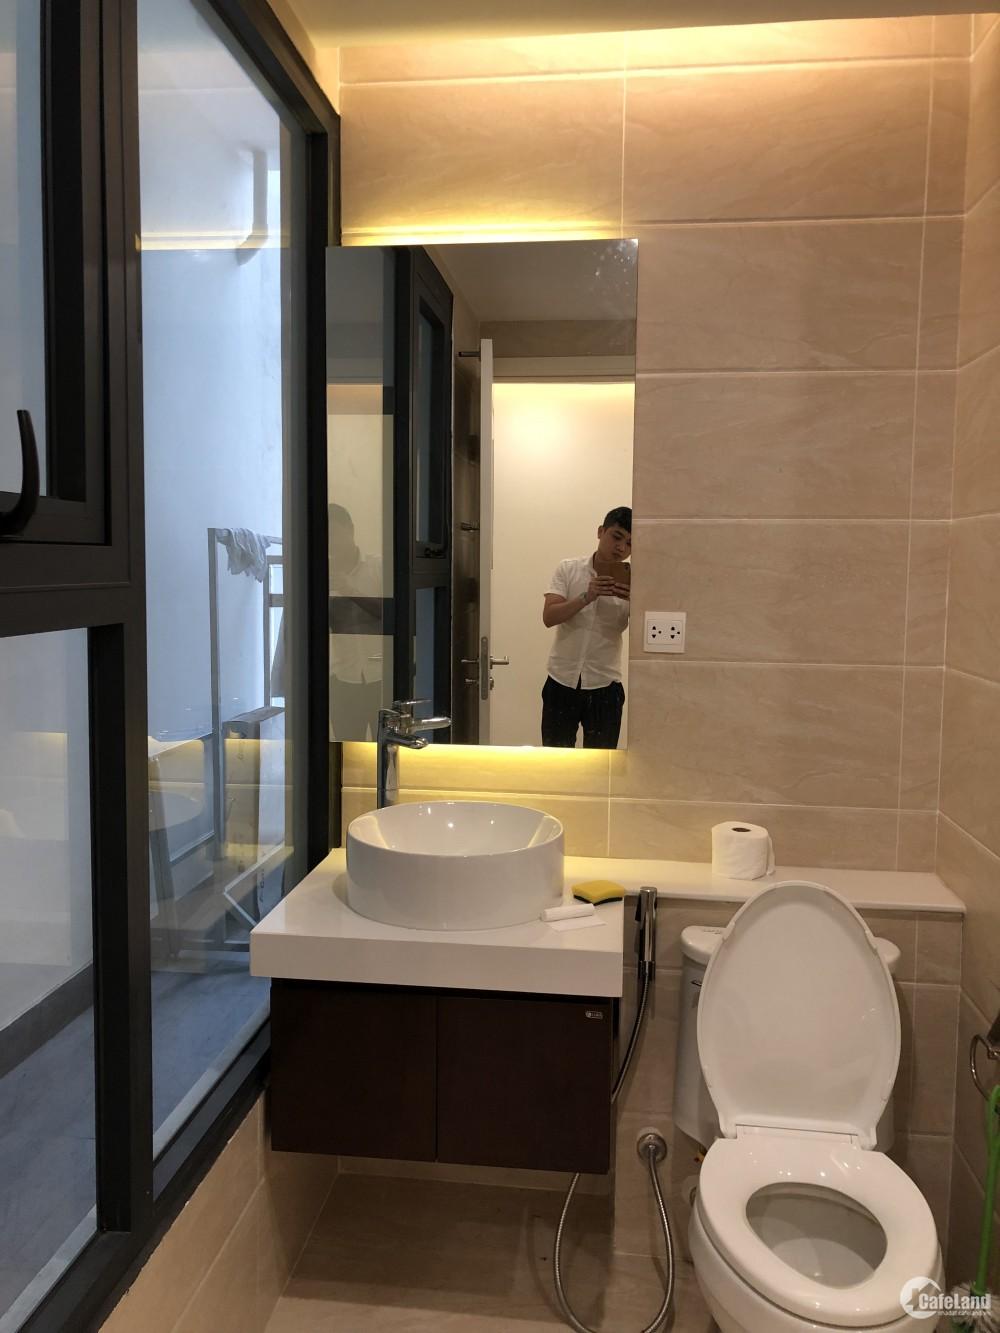 Tôi cần bán căn hộ cc Imperia 81m2, giá 2,4 tỷ đường Nguyễn Huy Tưởng.